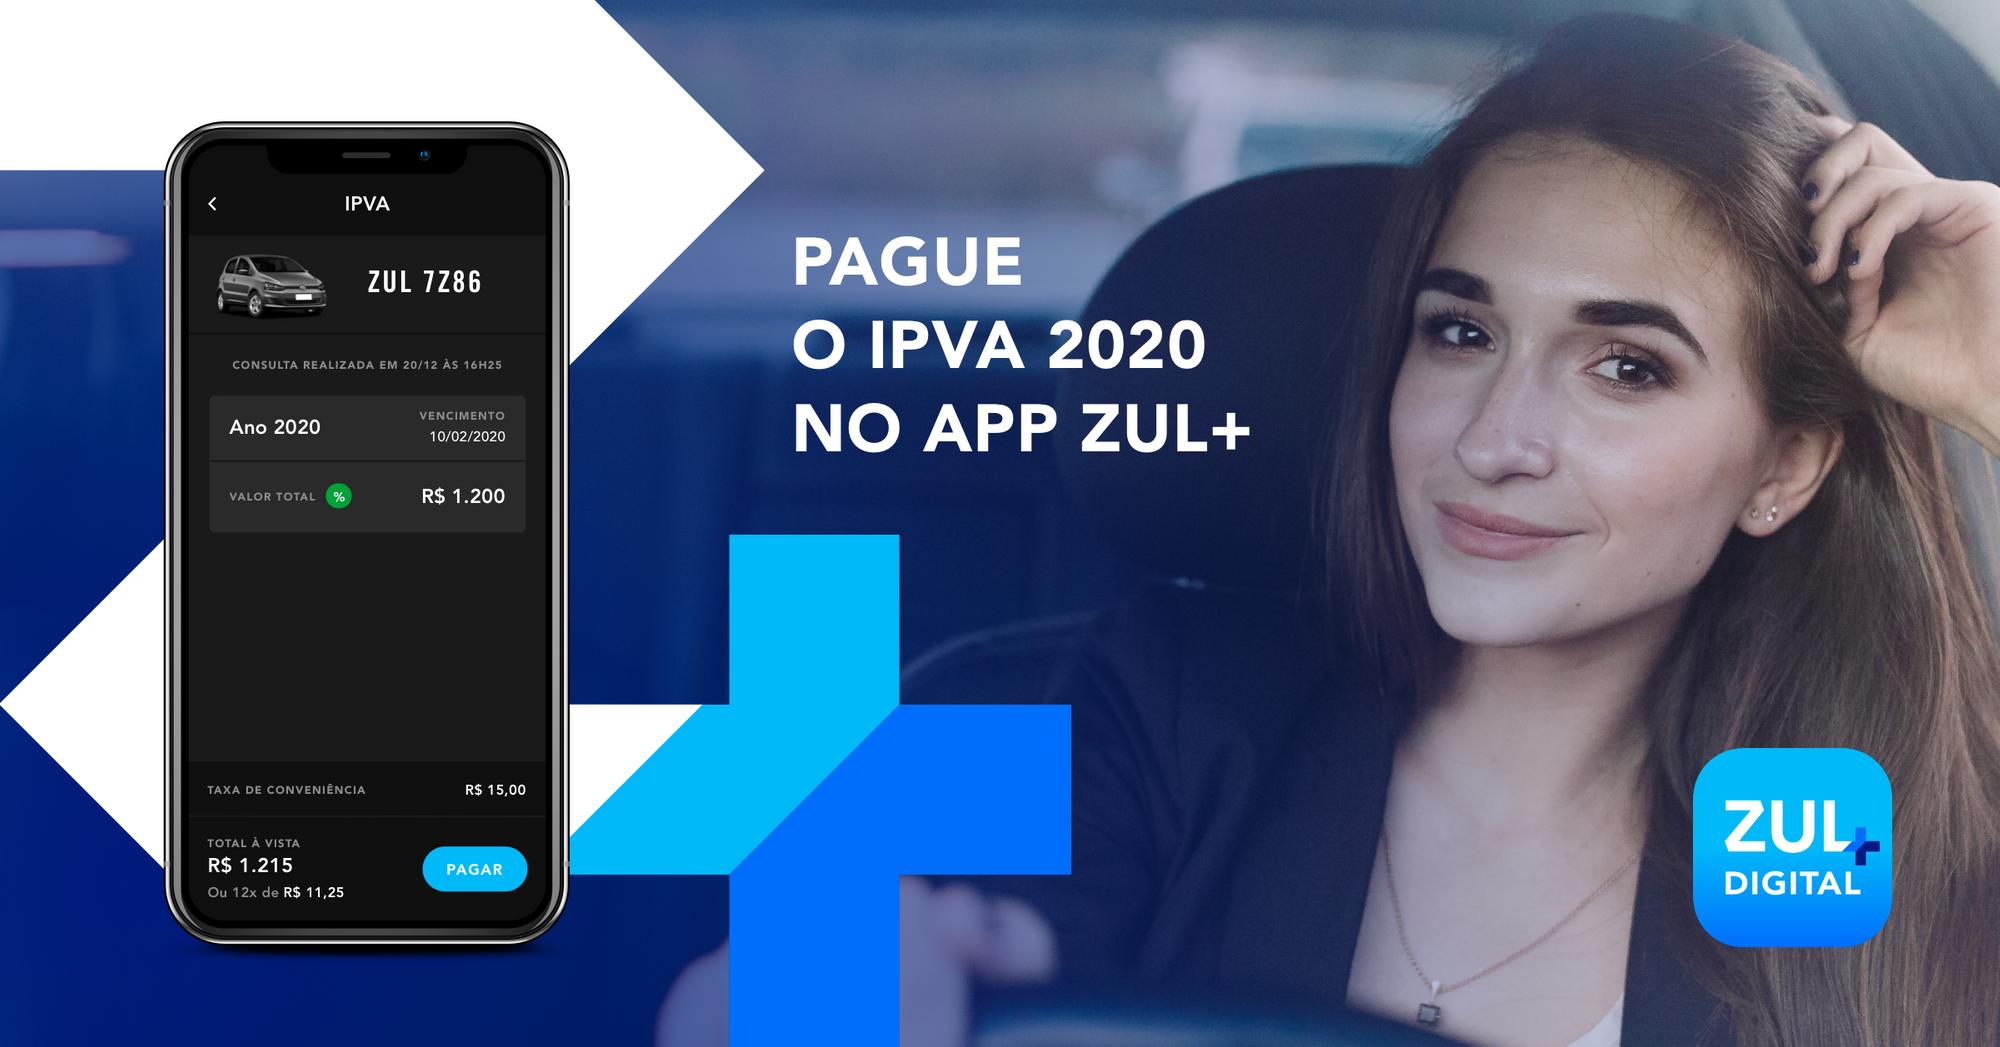 Pague o IPVA com Zul+